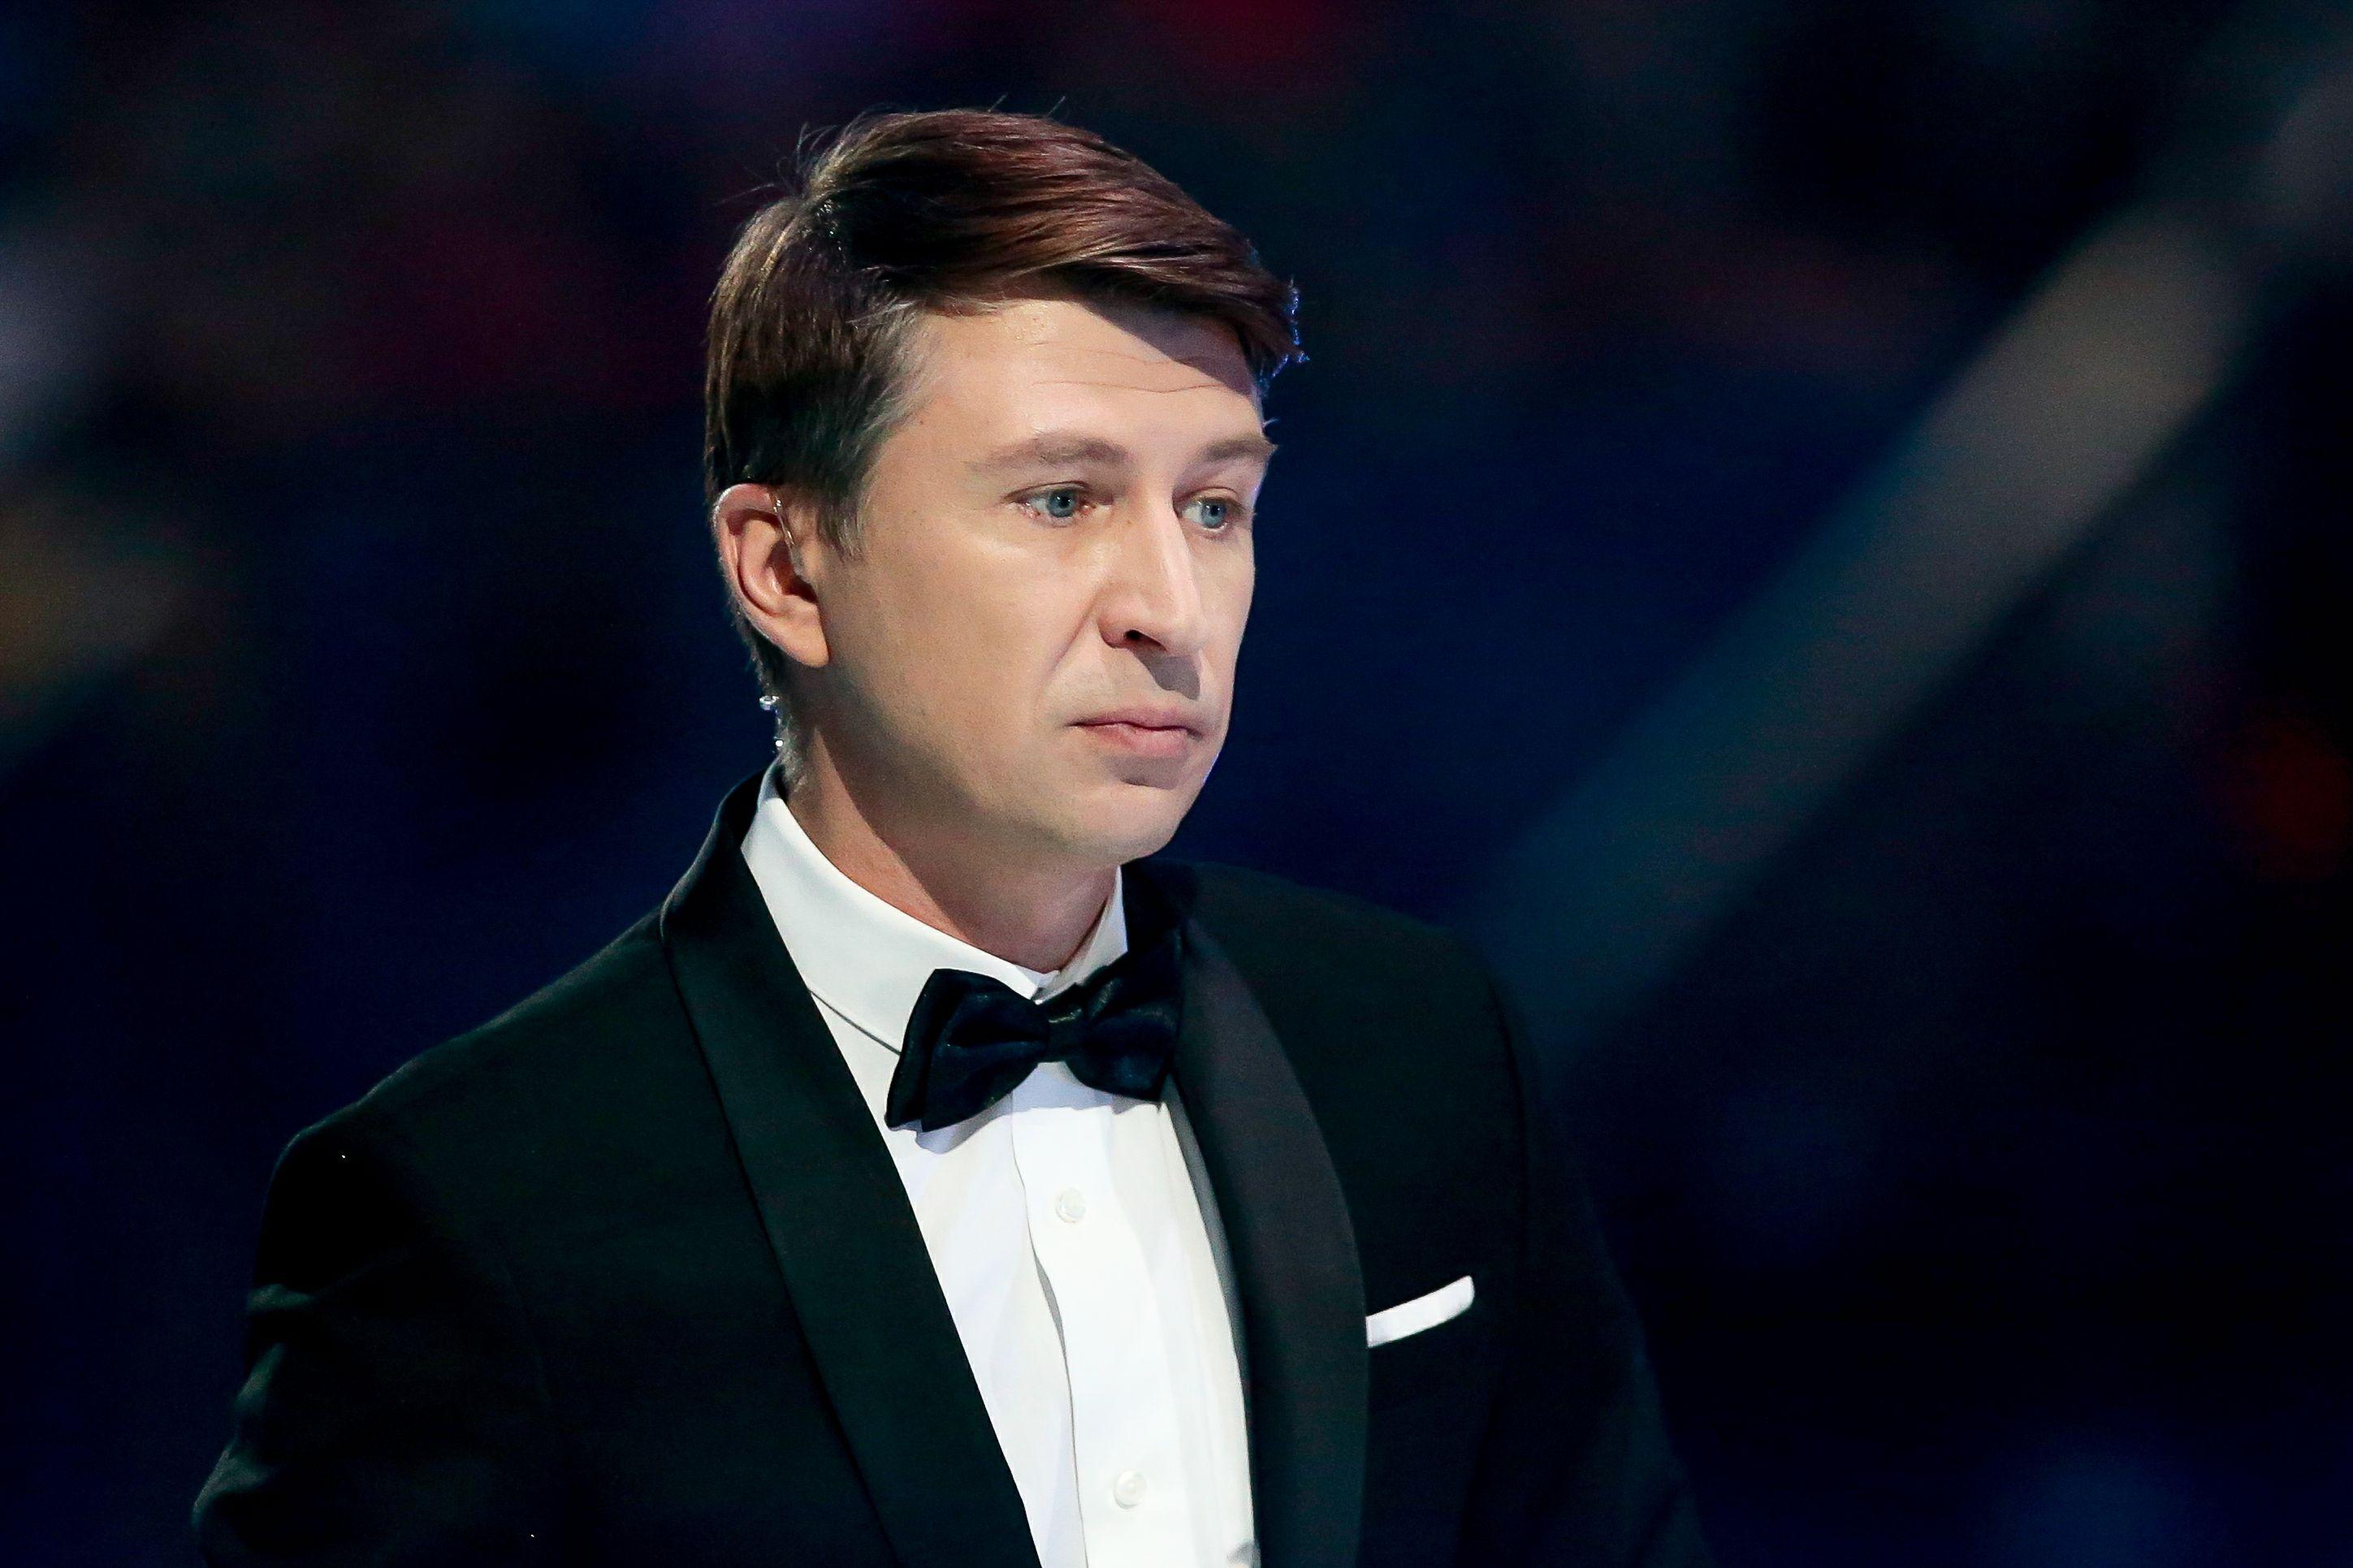 Ягудин ответил украинке Баюл по поводу шоу Тутберидзе: ' Плагиат? Да. Платьев, ногтей, волос'